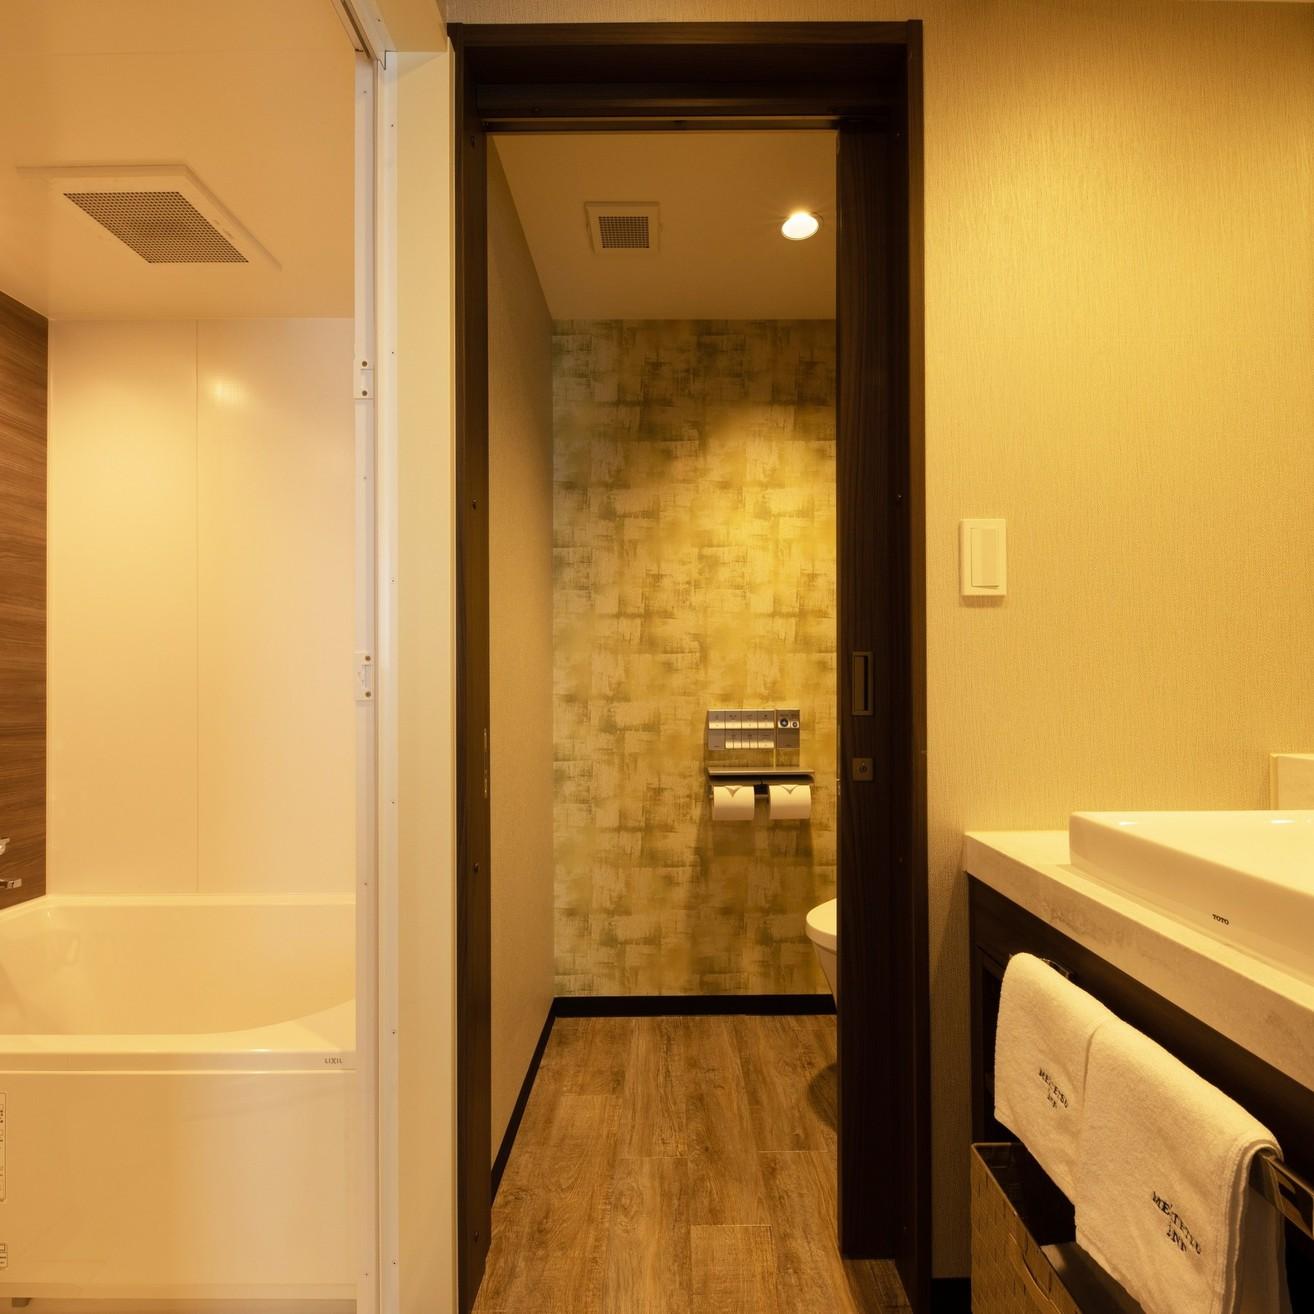 ツインルーム 洗面台・バス・トイレ